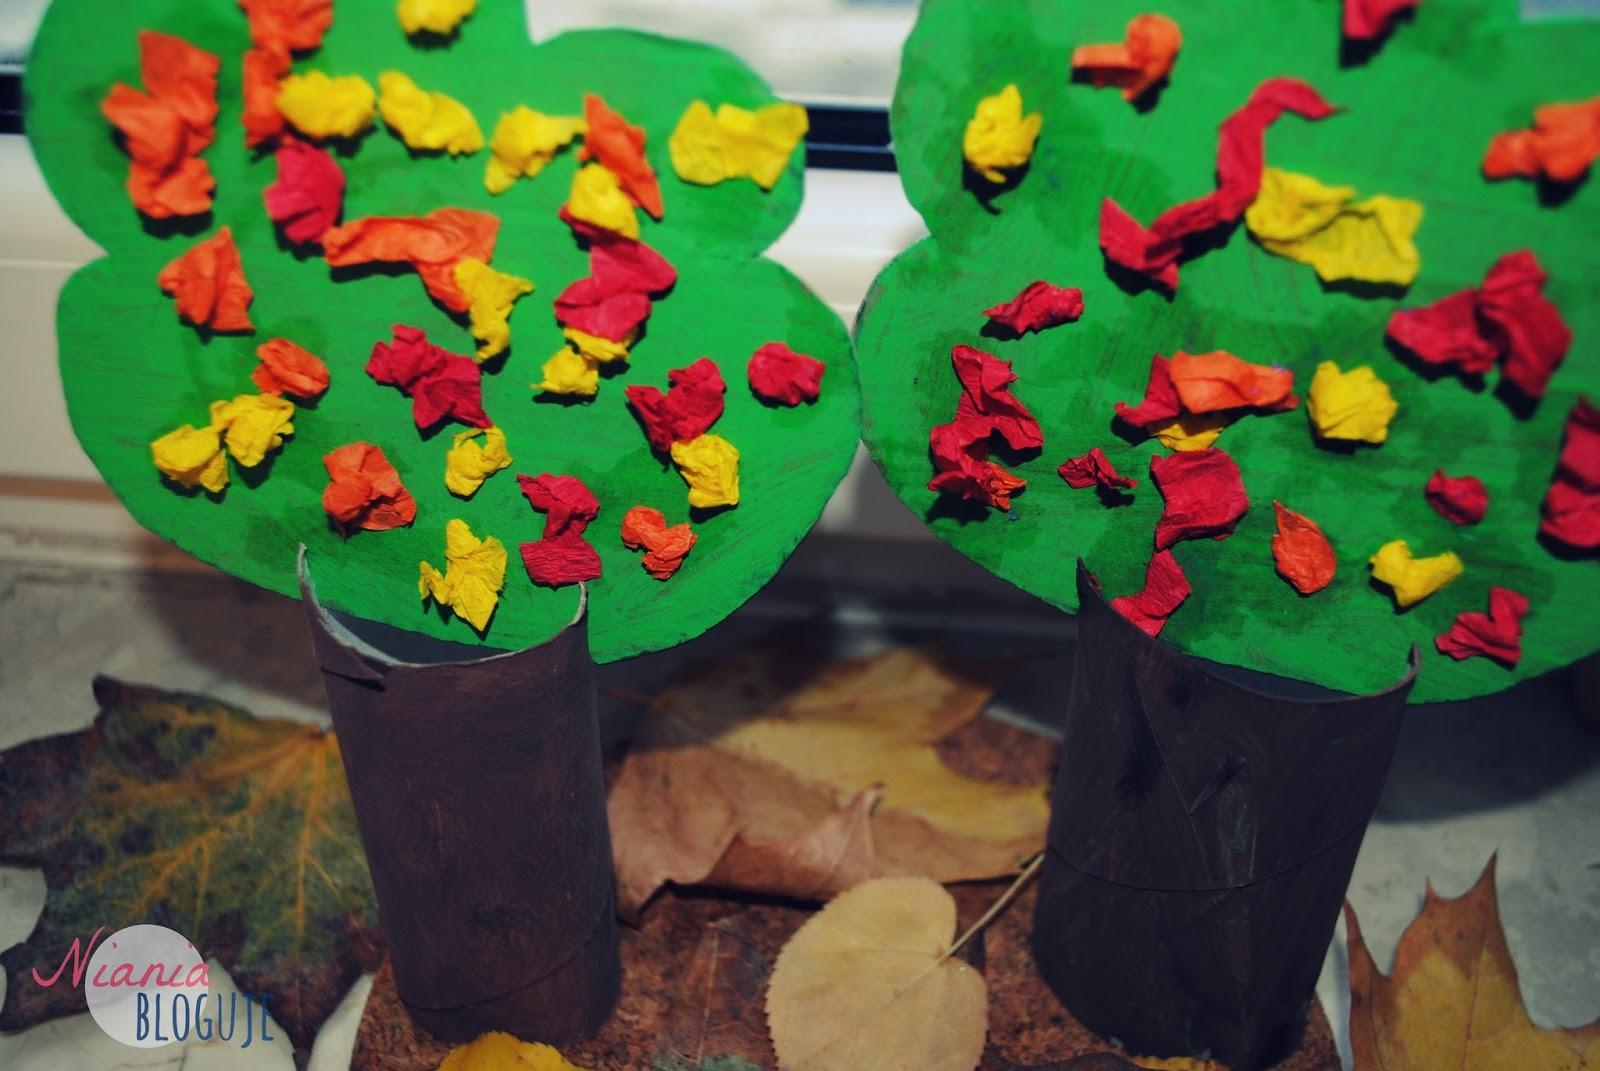 Niania Bloguje Jesienne Drzewa